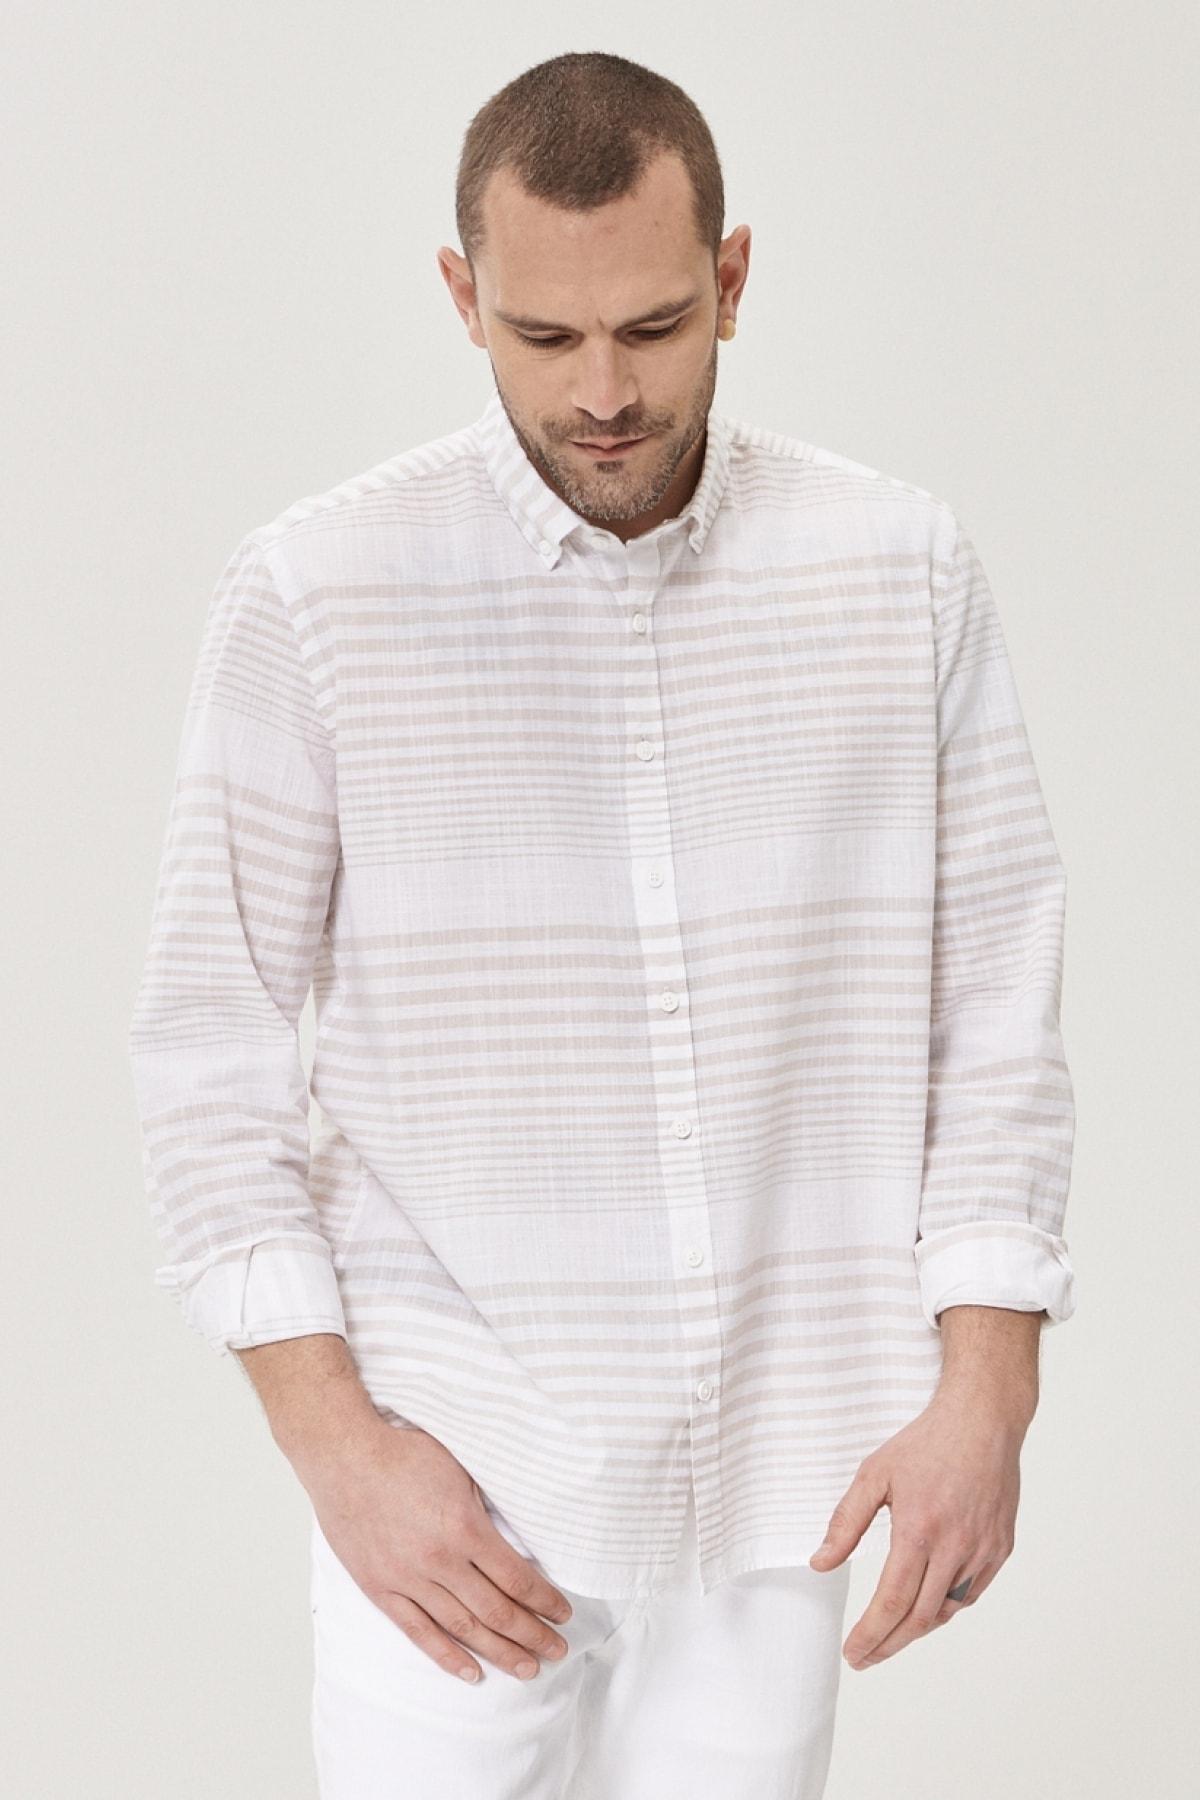 Erkek Beyaz-Bej Tailored Slim Fit Düğmeli Yaka %100 Koton Çizgili Gömlek